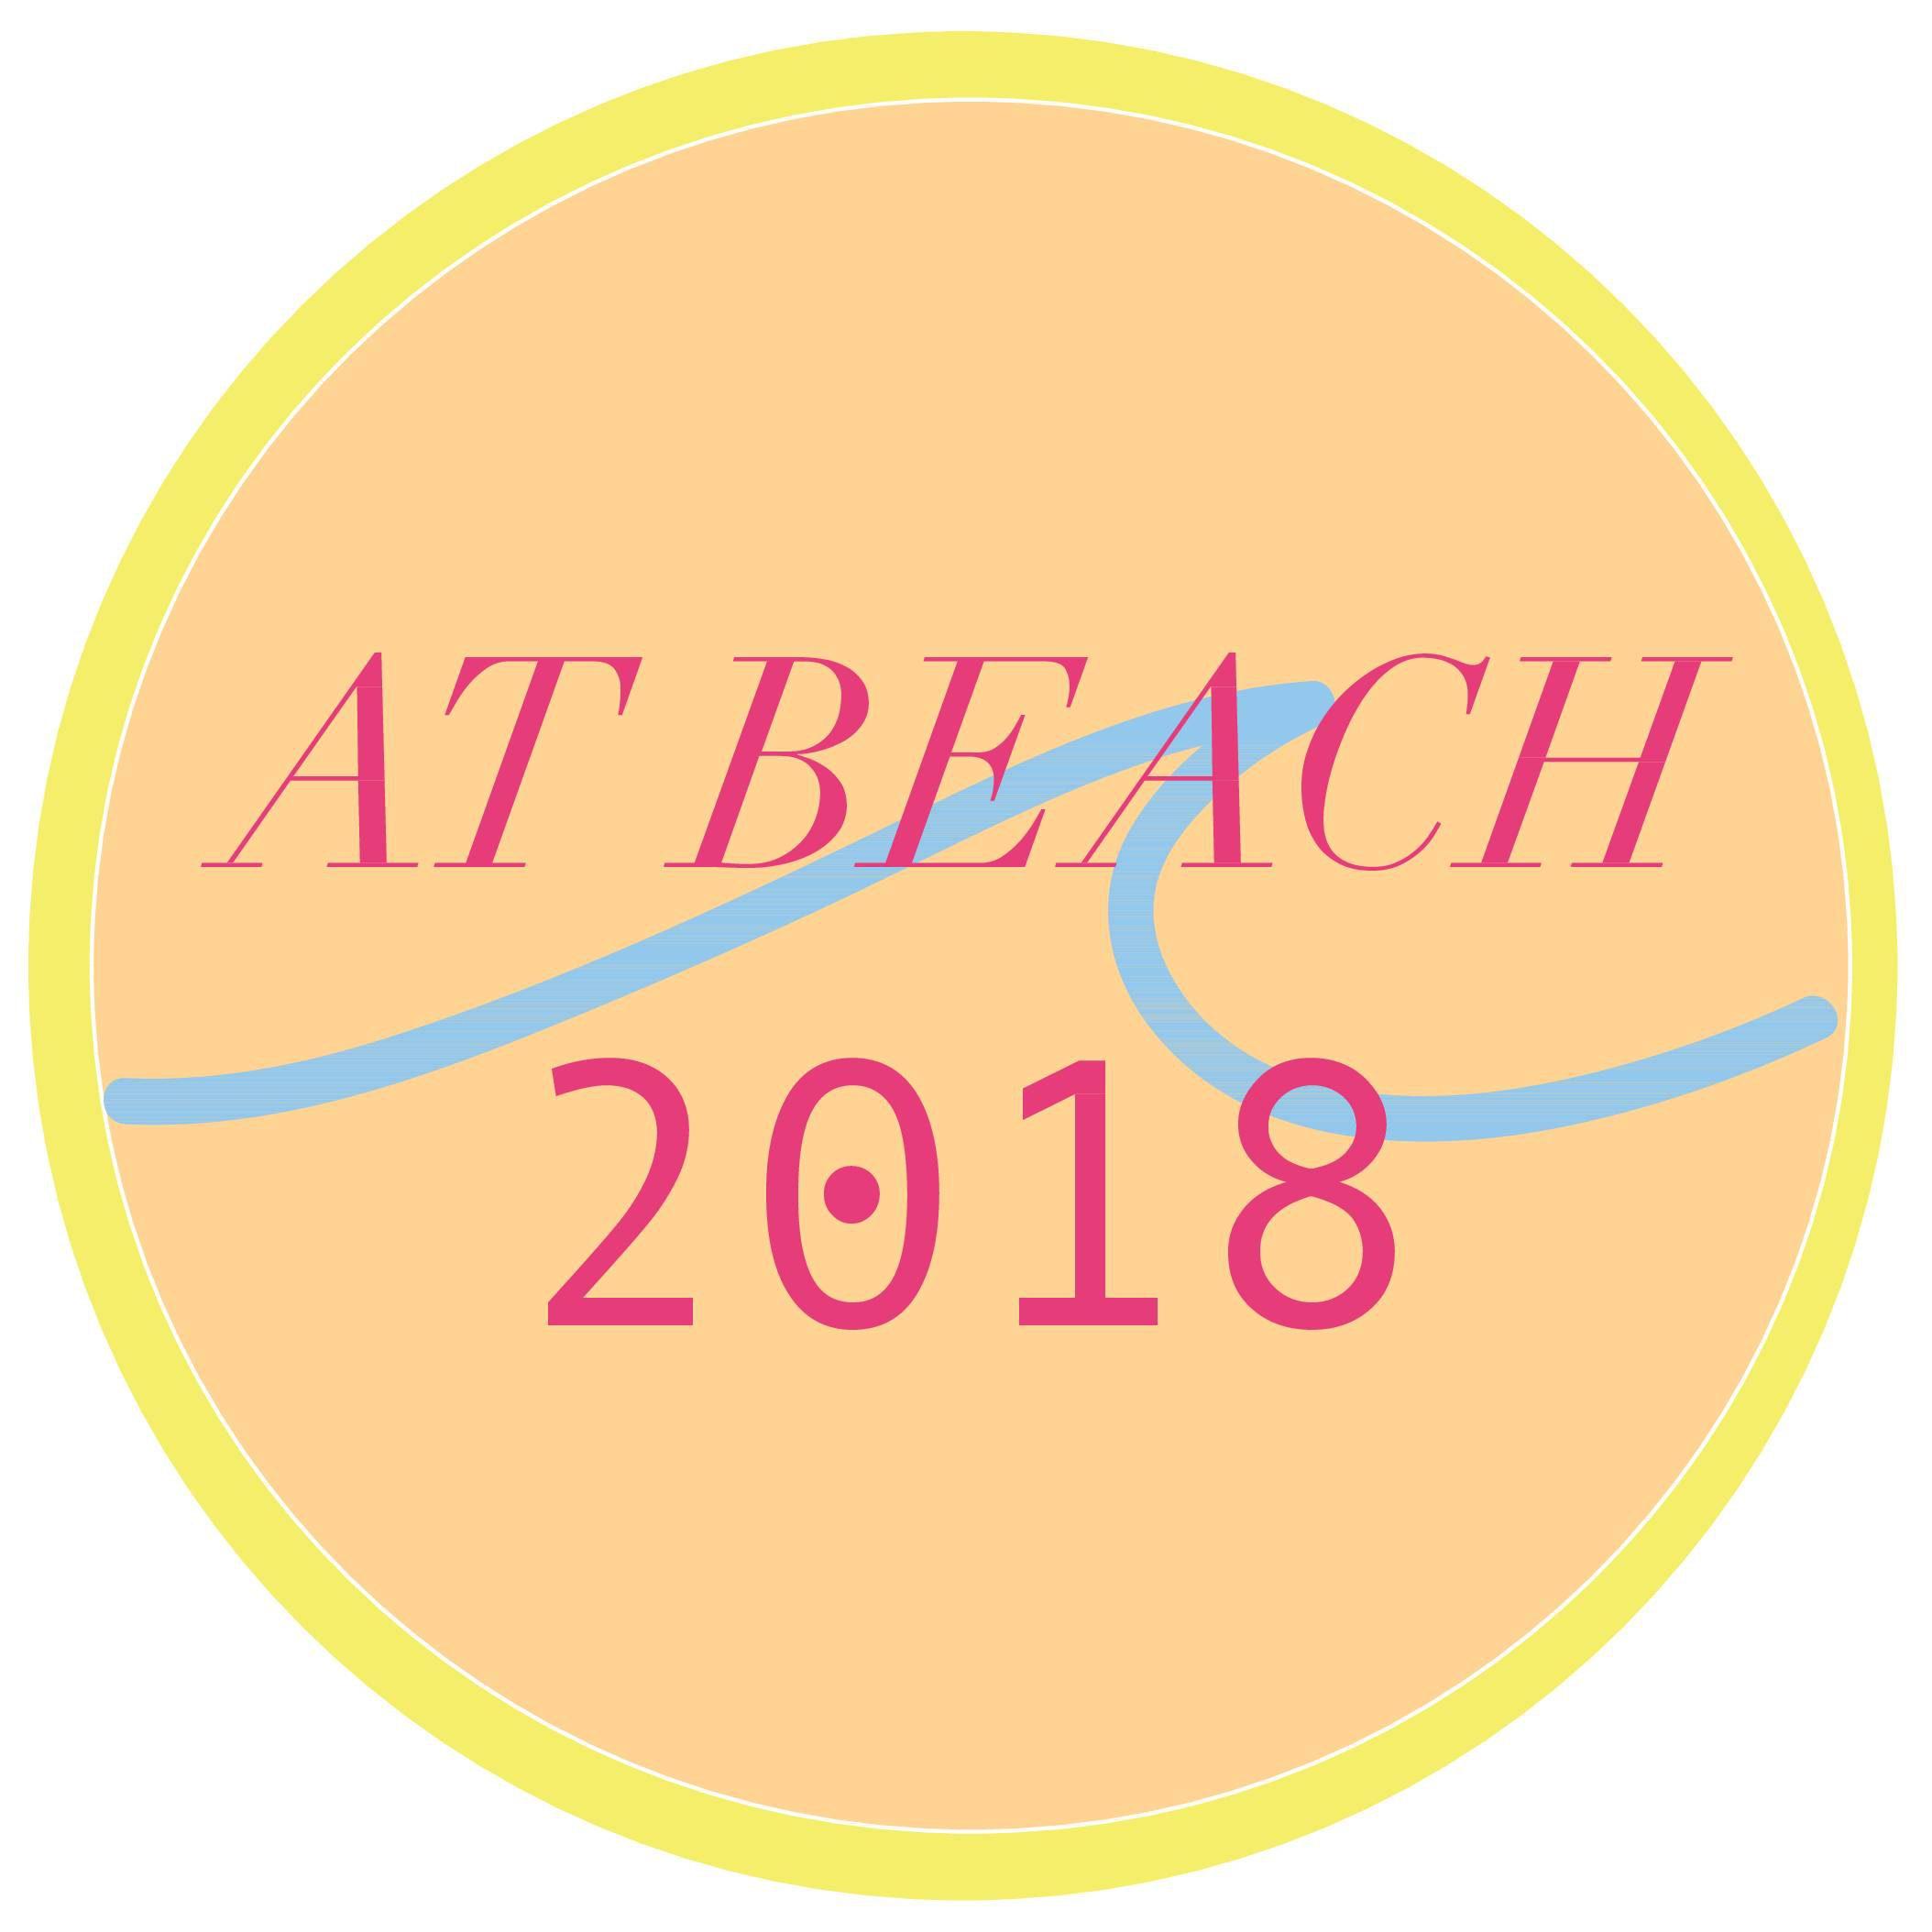 AT BEACH 2018